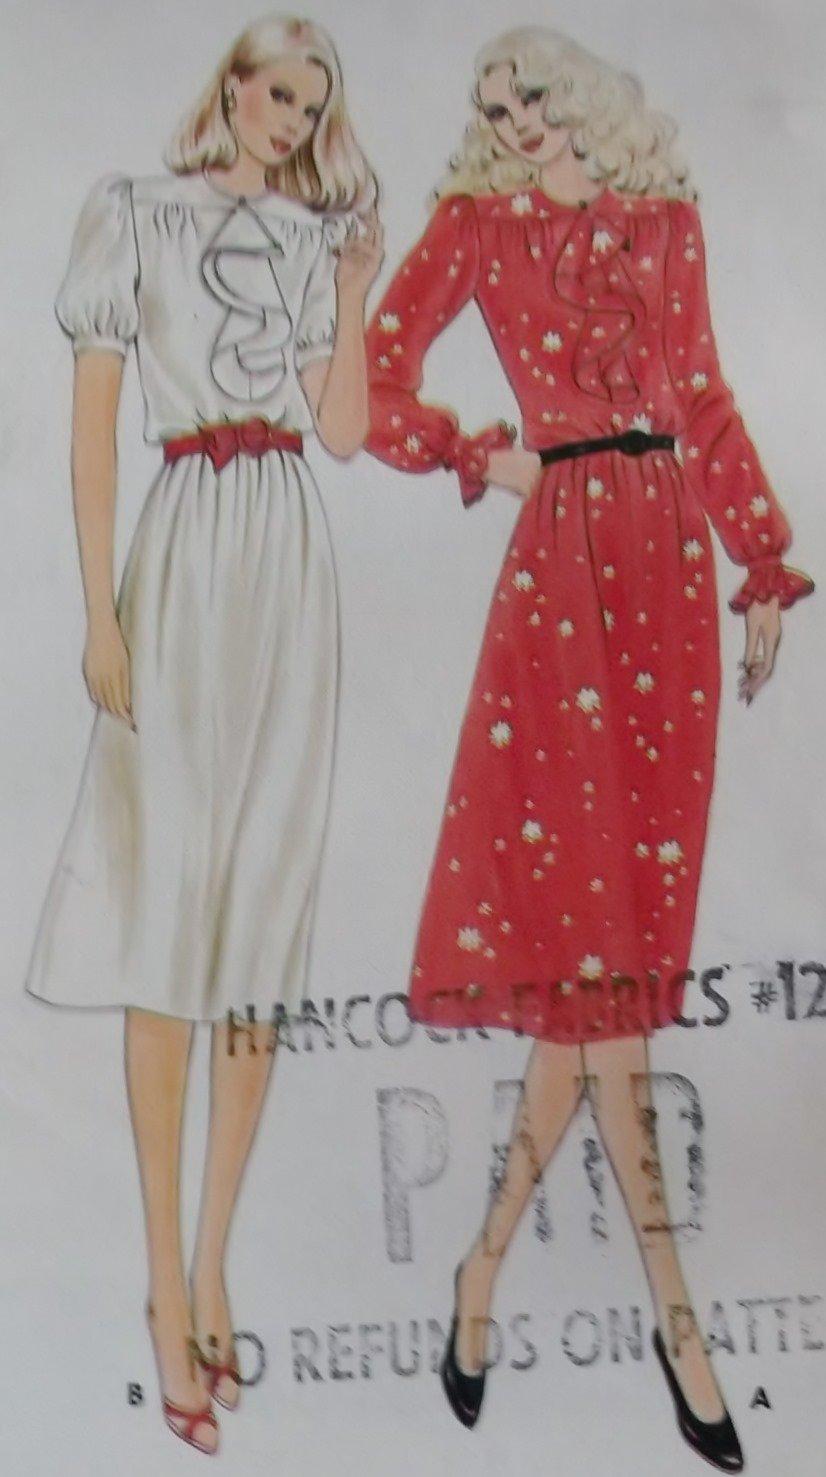 Vintage Misses Dress Butterick 3354 Sewing Pattern, Size 8, UNCUT